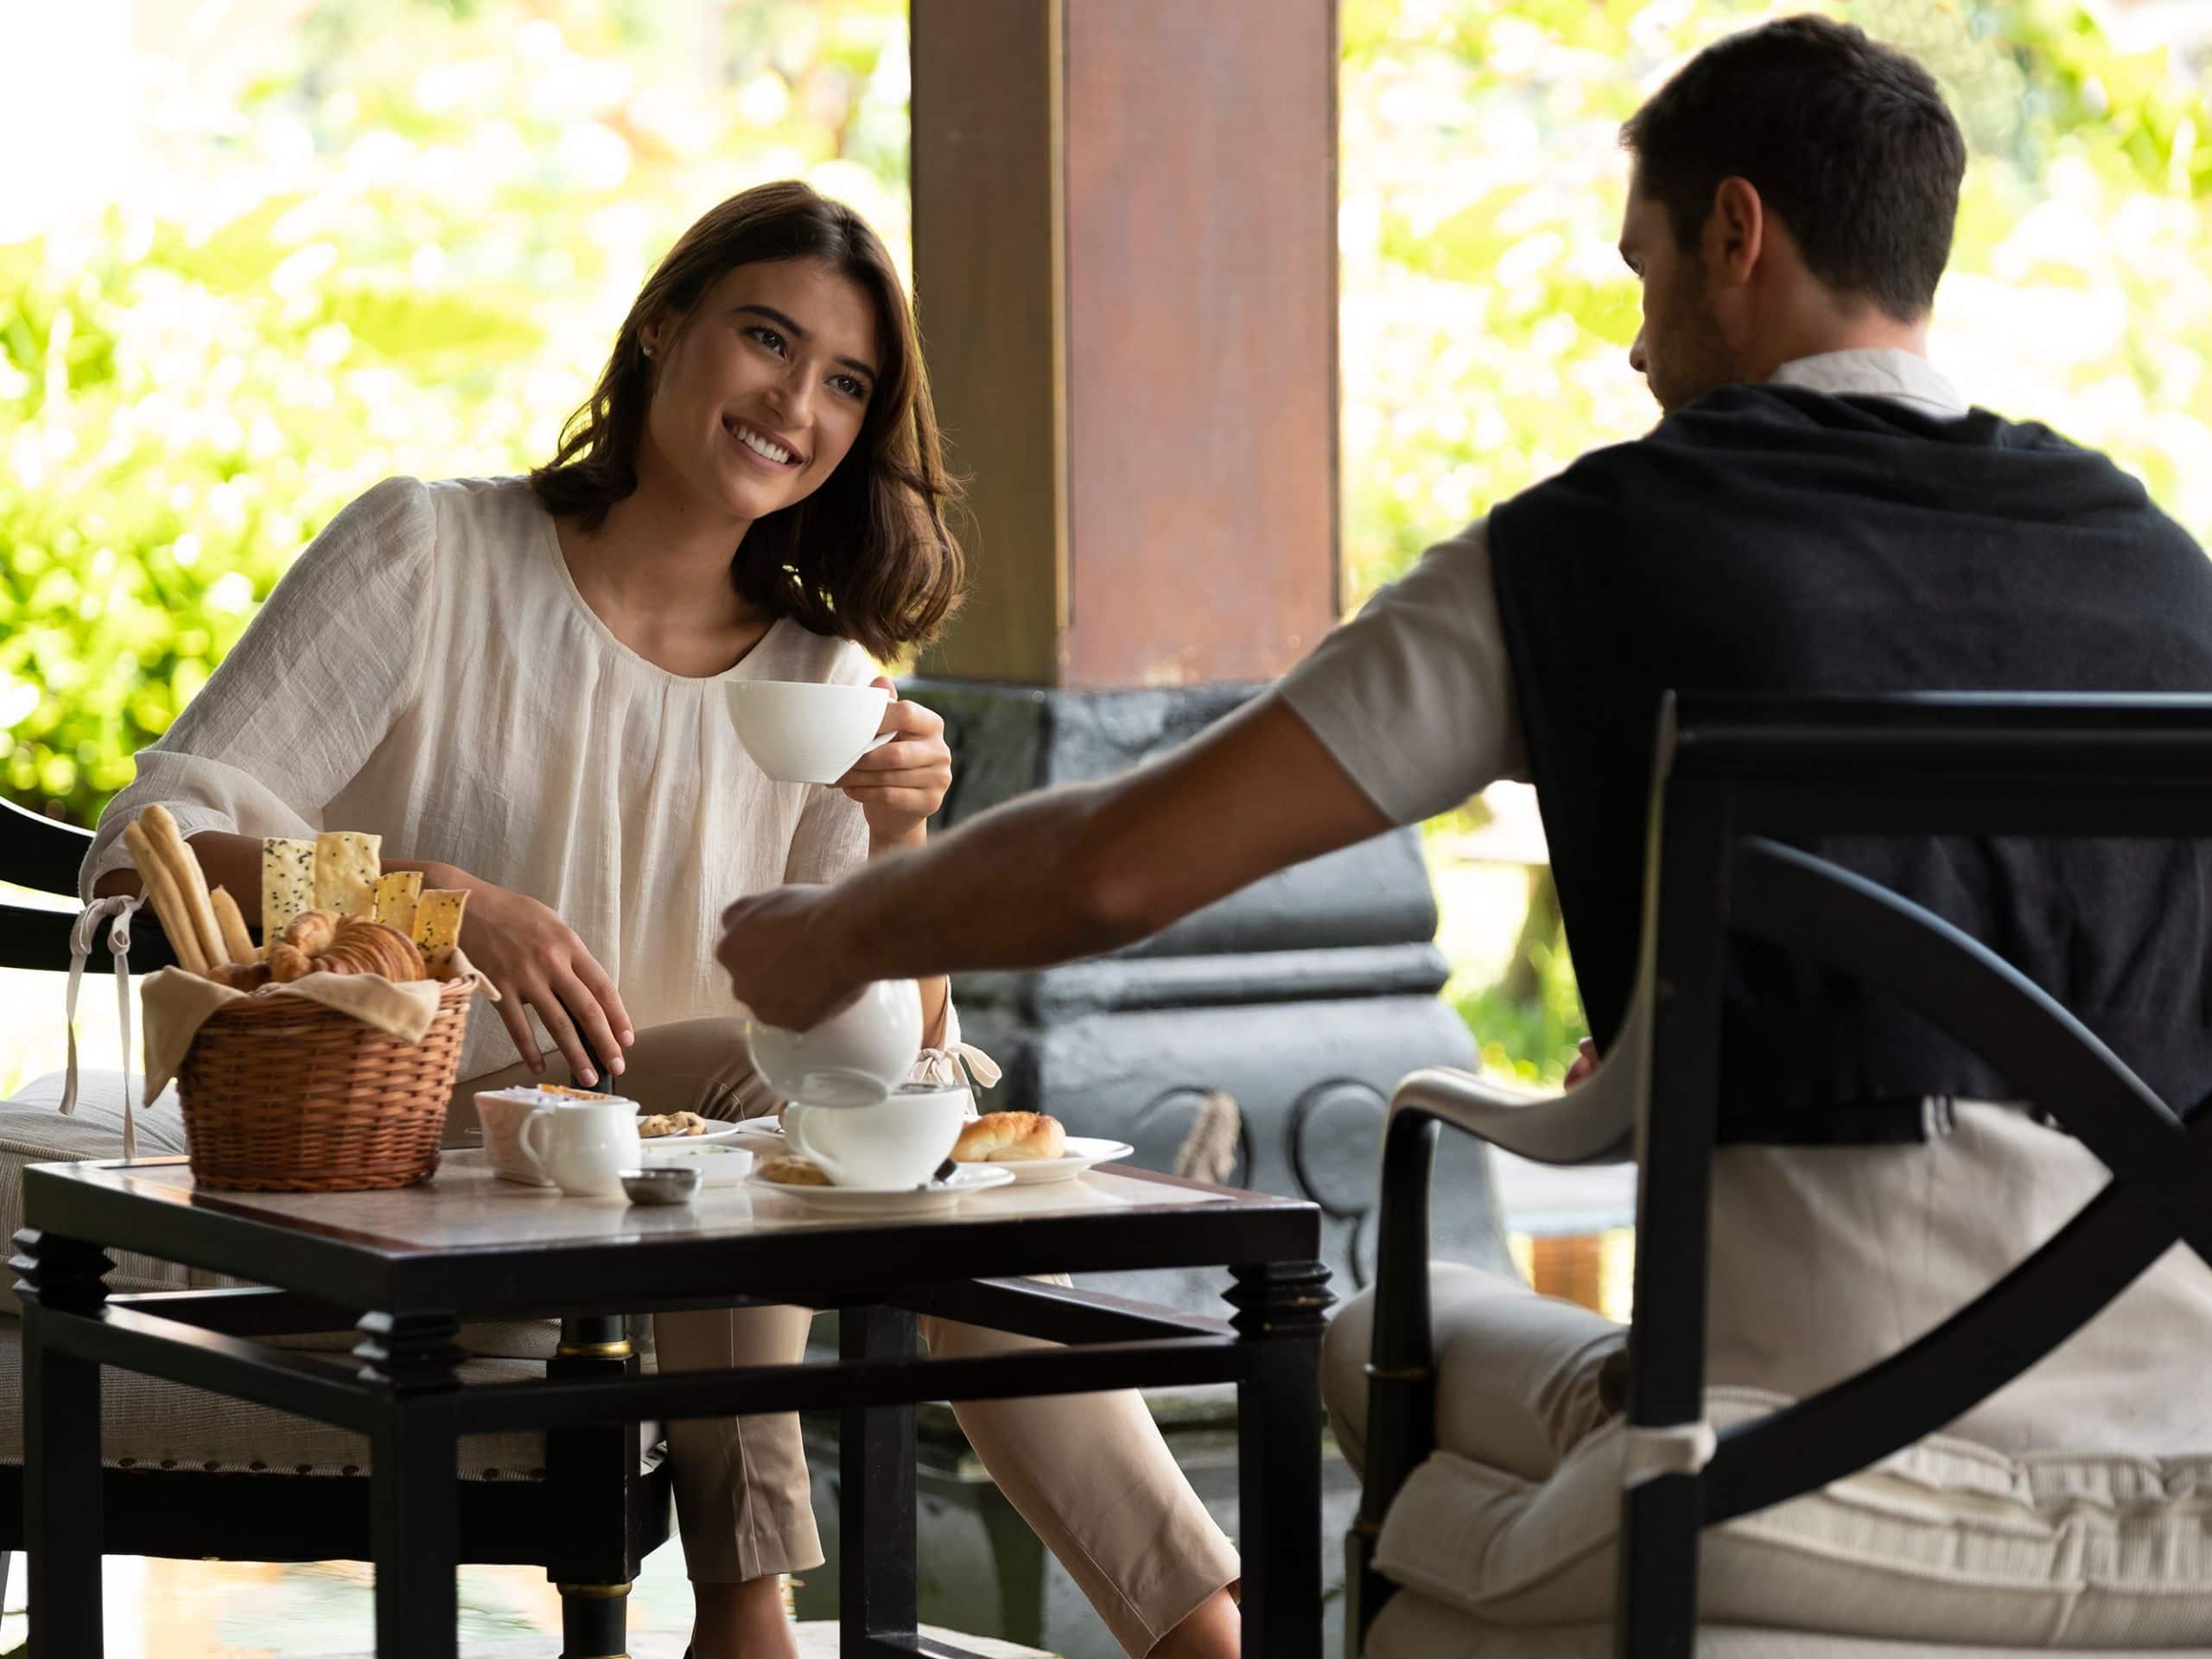 yogyakarta dating site bedste steder at tilslutte mig miami